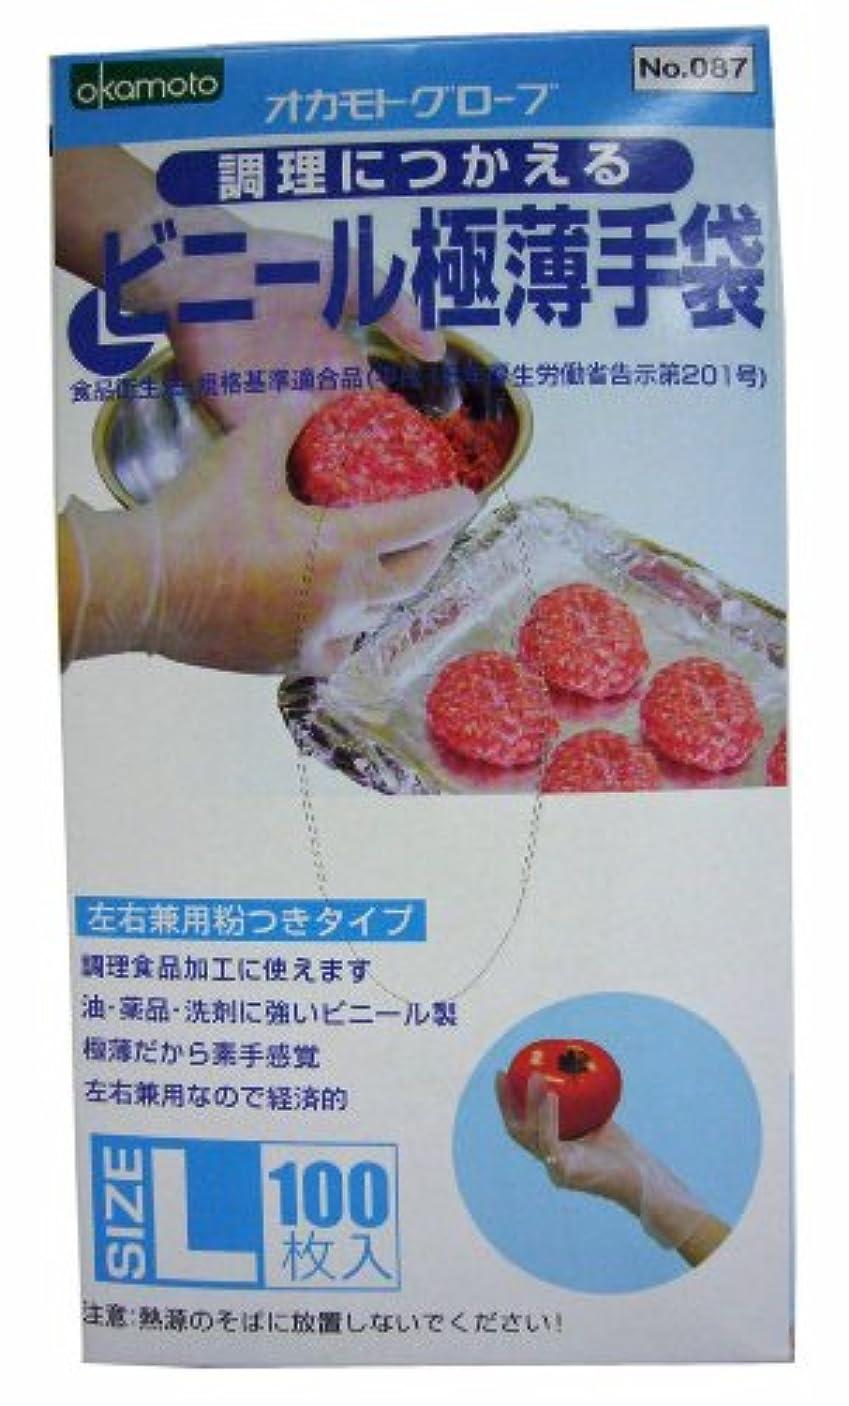 オカモトグローブ 調理につかえる ビニール極薄手袋 L 100枚入